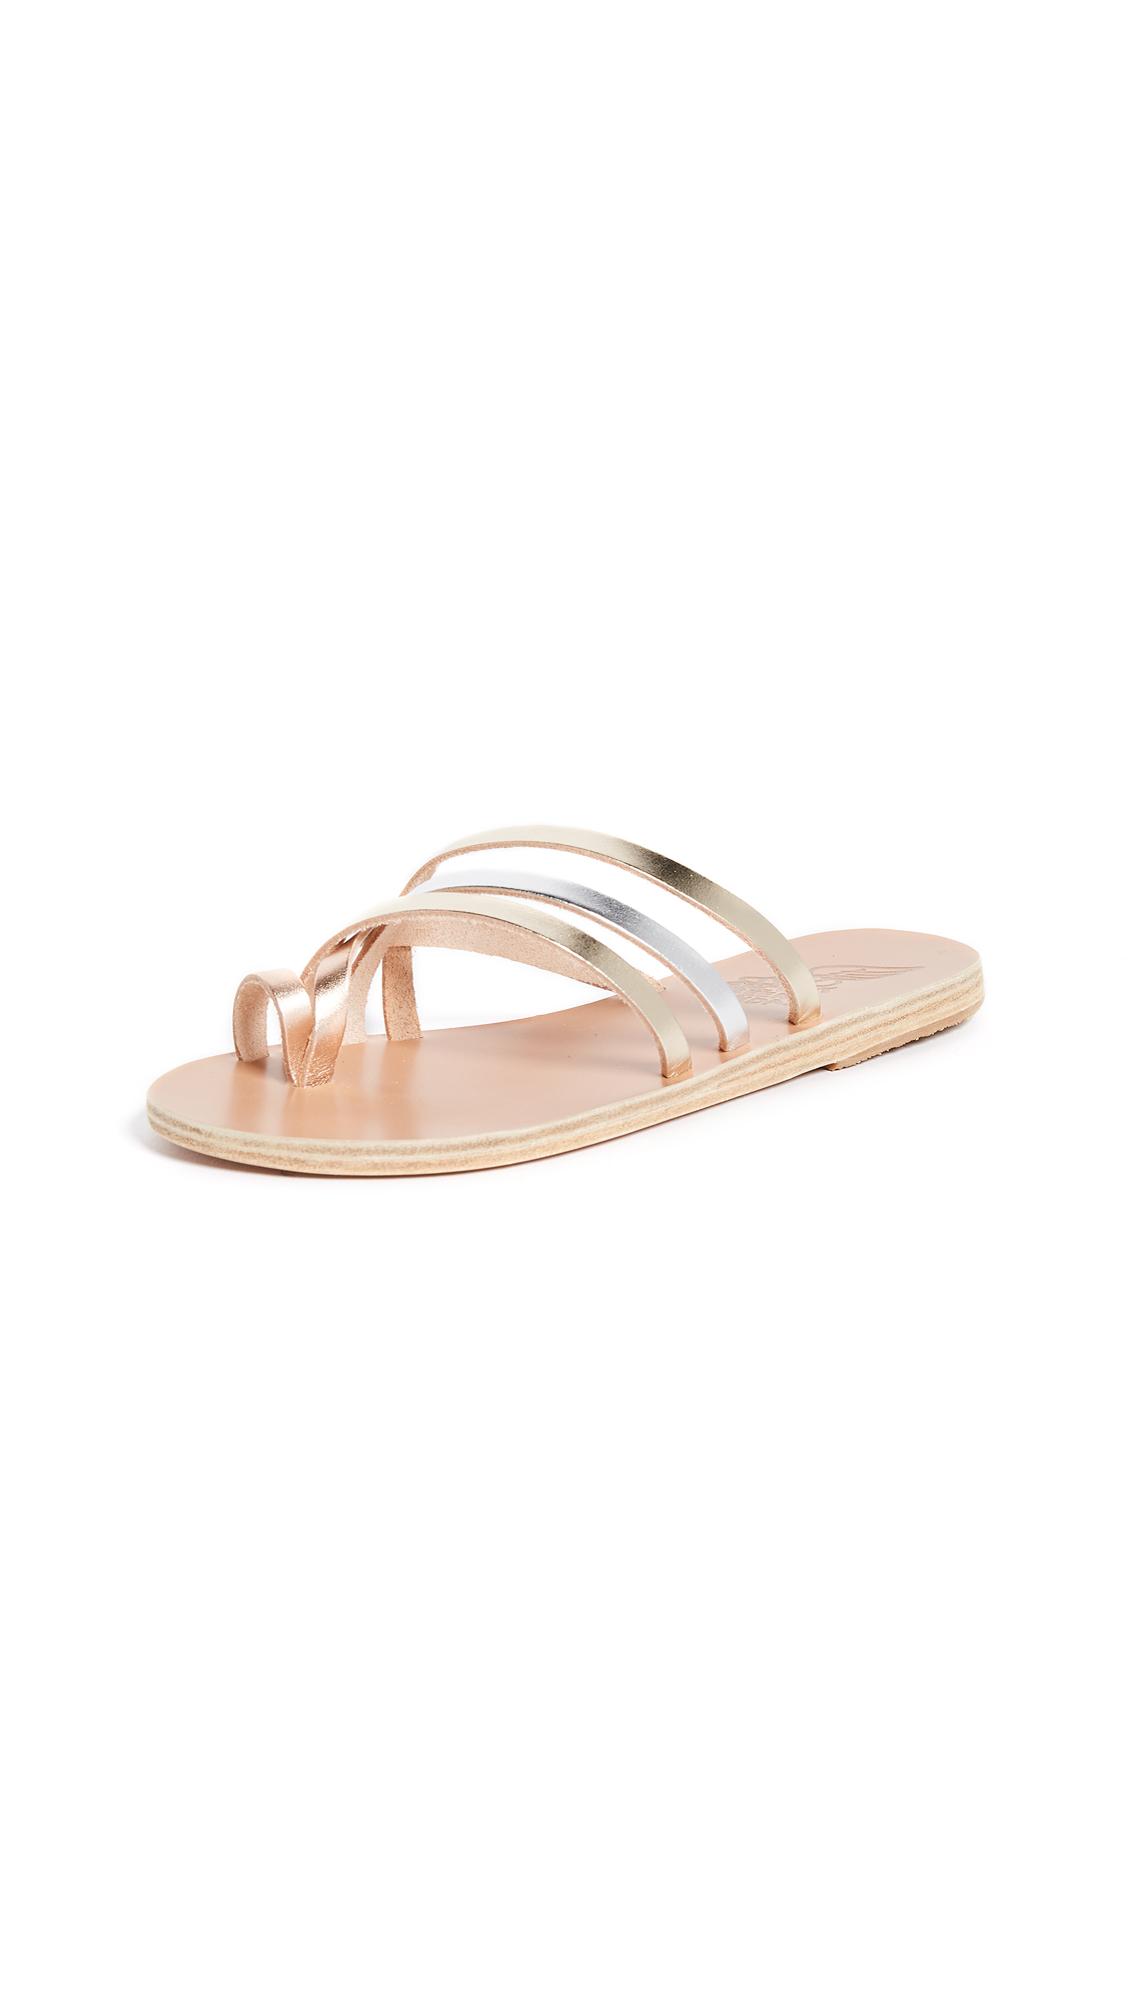 Ancient Greek Sandals Apli Amalia Sandals - Metallic Mix